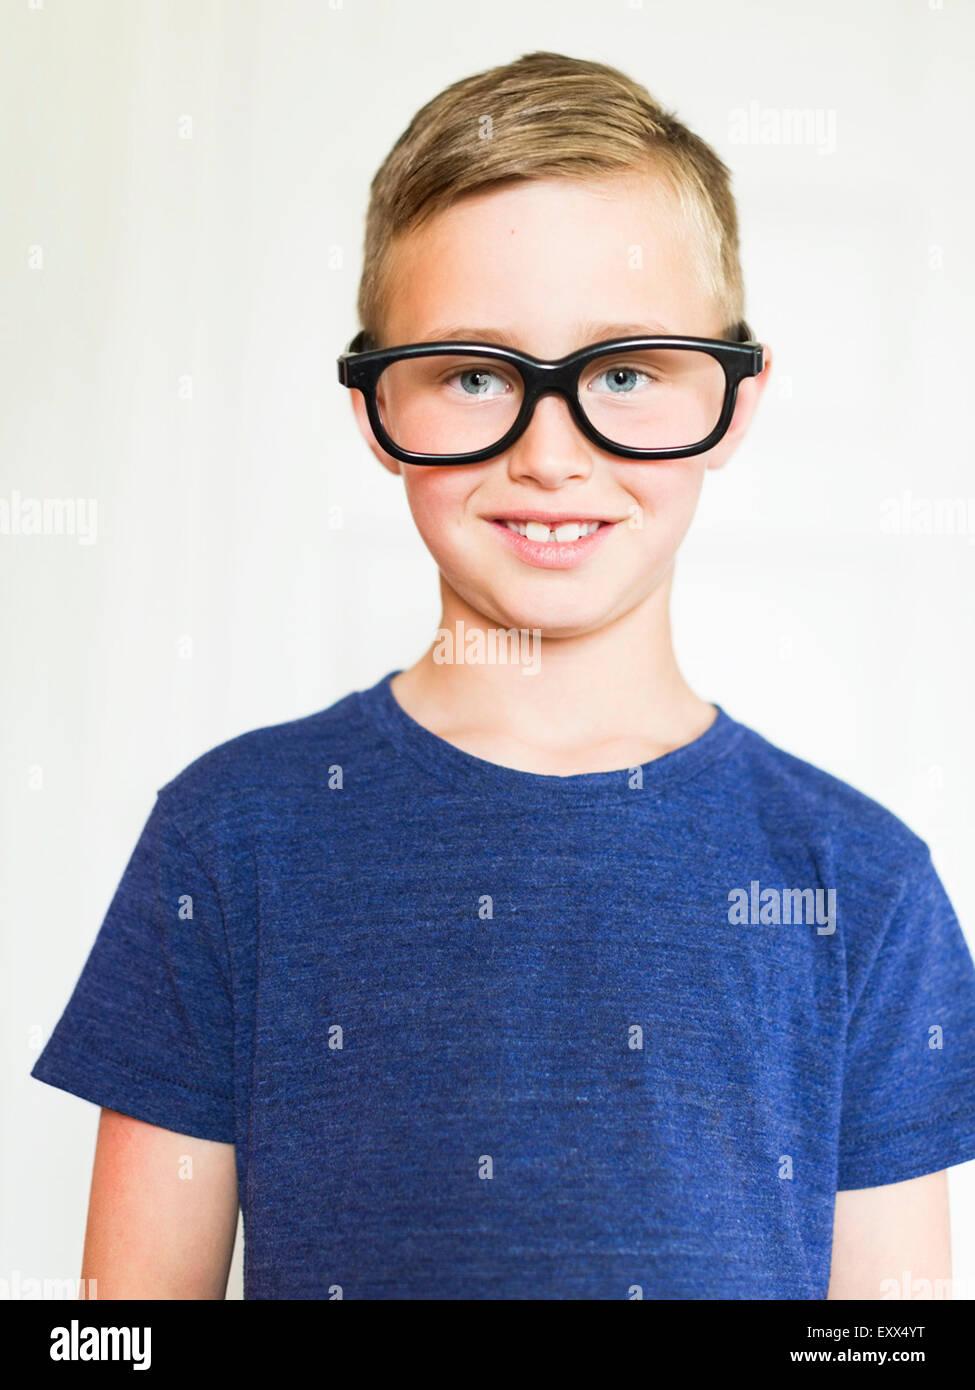 Retrato de niño (6-7) llevar gafas. Imagen De Stock